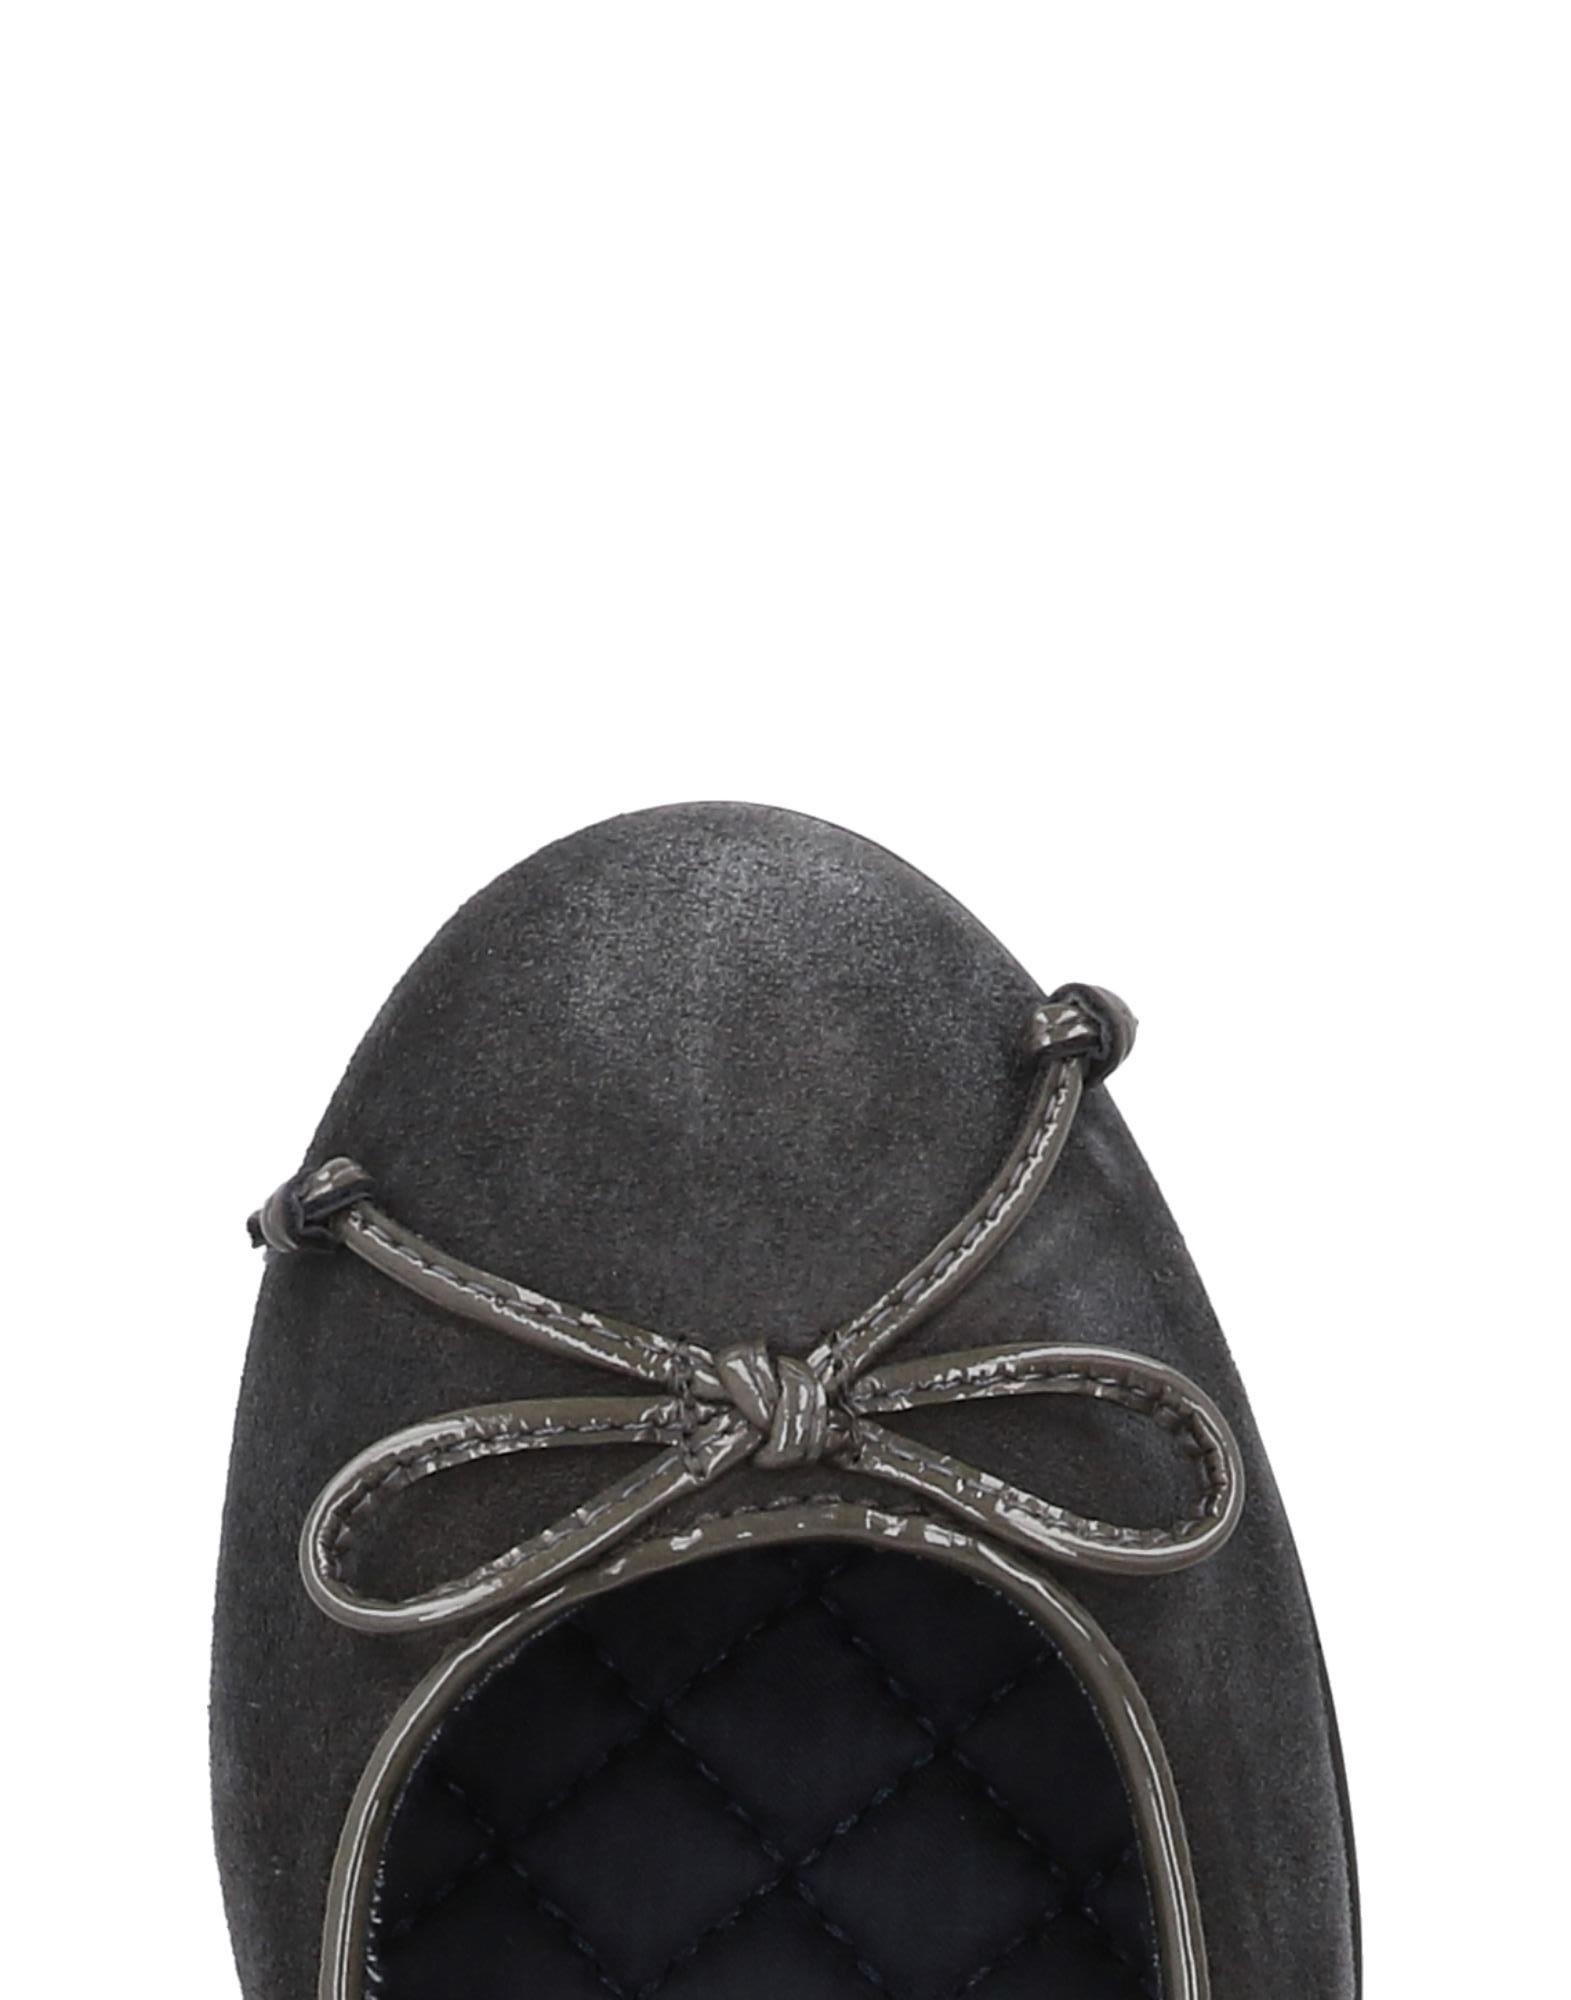 Cafènoir Pumps Damen  11457822DI Gute Qualität beliebte Schuhe